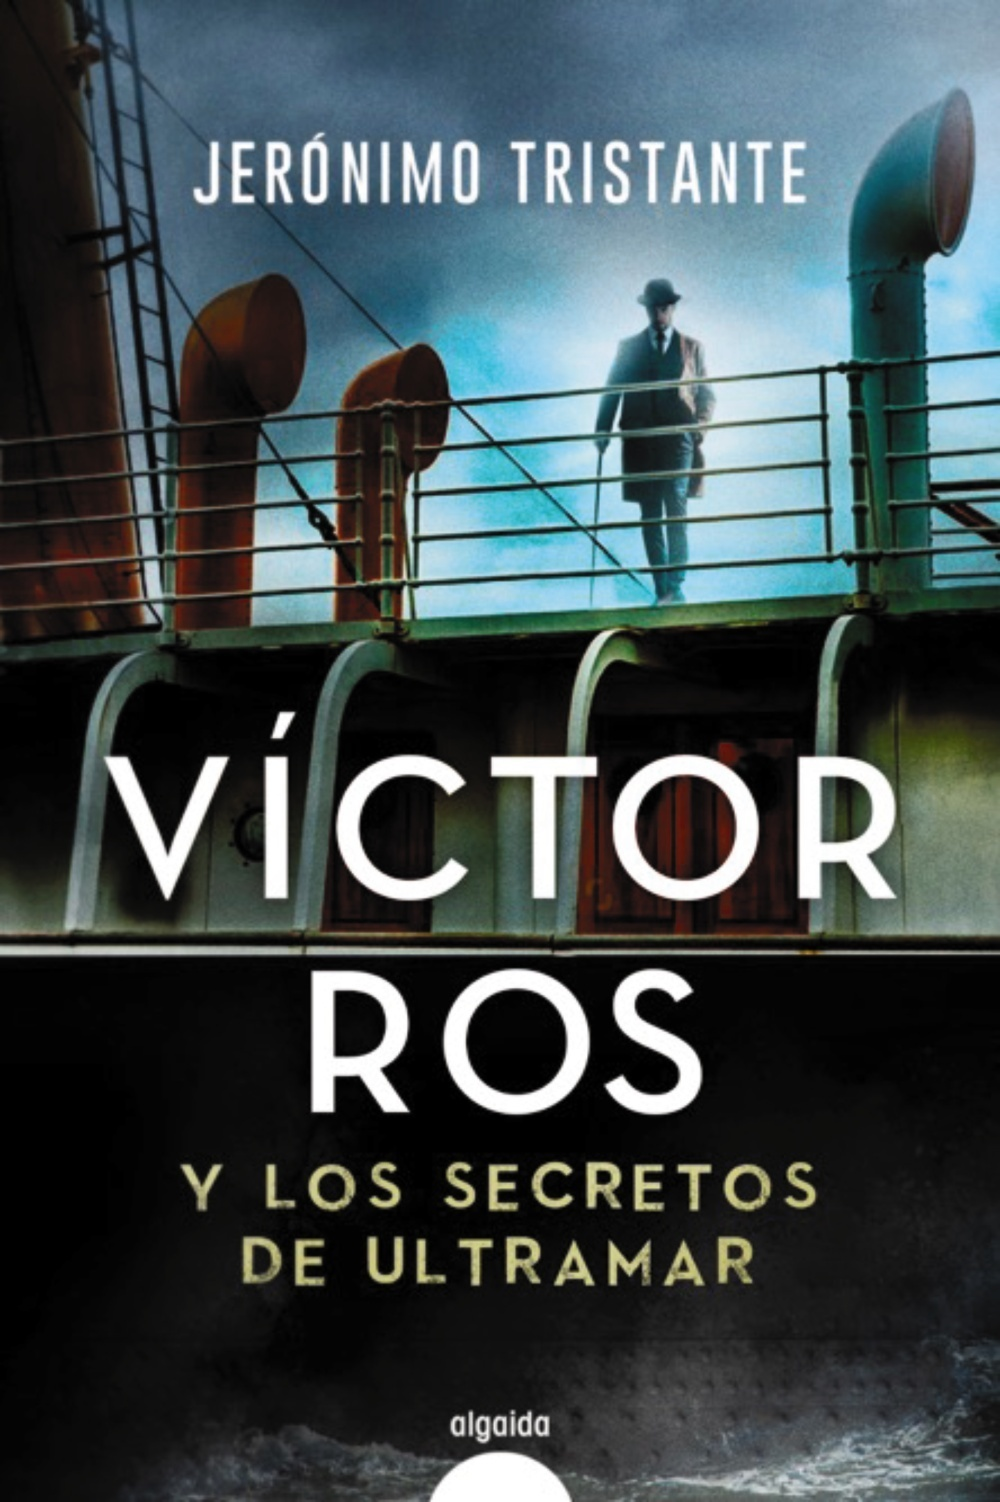 Víctor Ros y los secretos de ultramar.